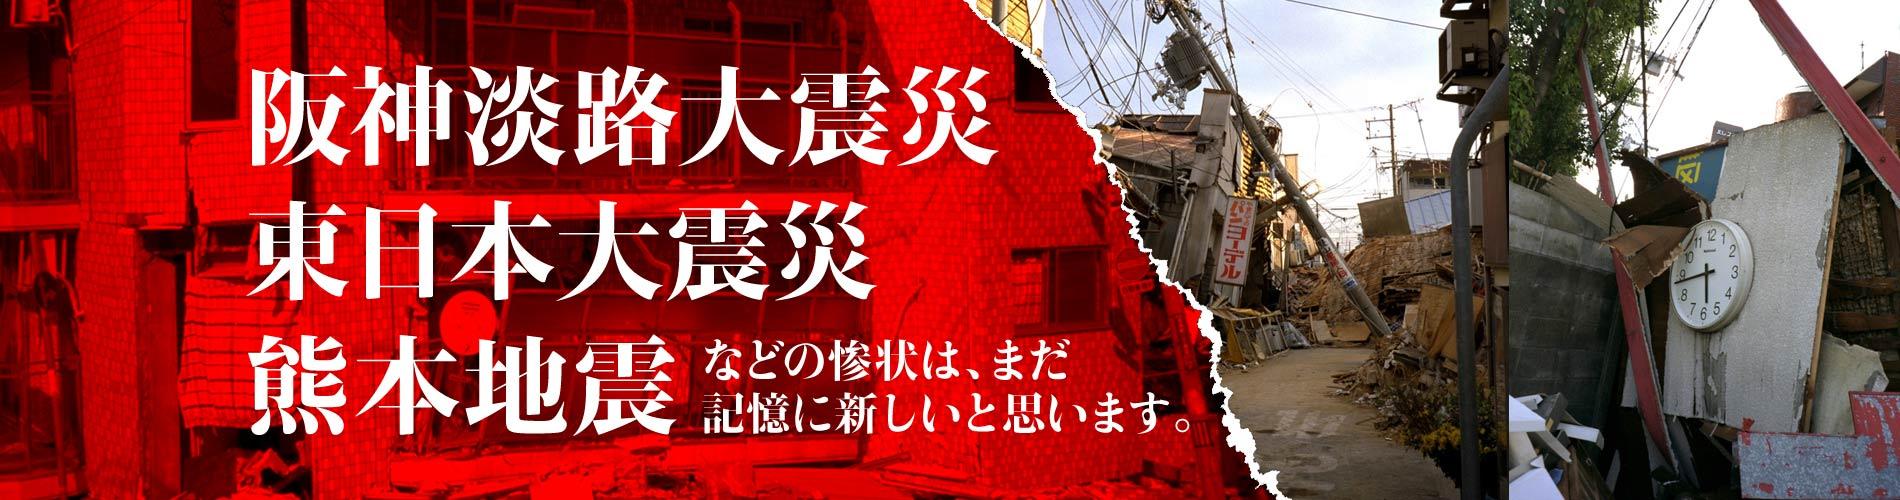 阪神淡路大震災、東日本大震災、熊本地震などの惨状は、まだ記憶に新しいと思います。